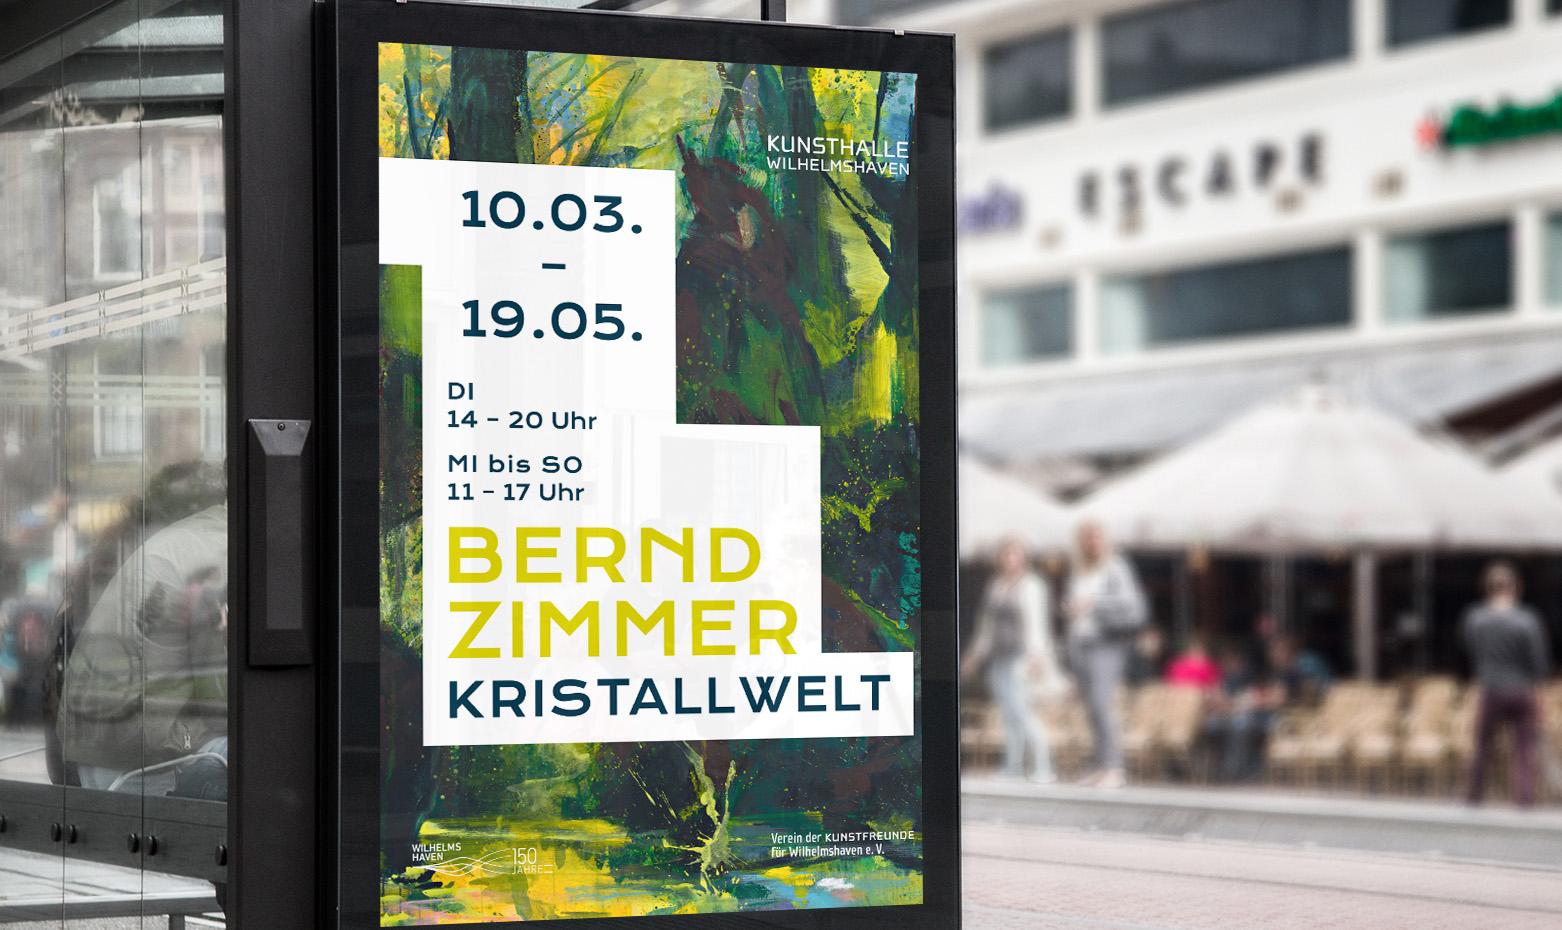 Kunsthalle-Wilhelmshaven_berndzimmer_1